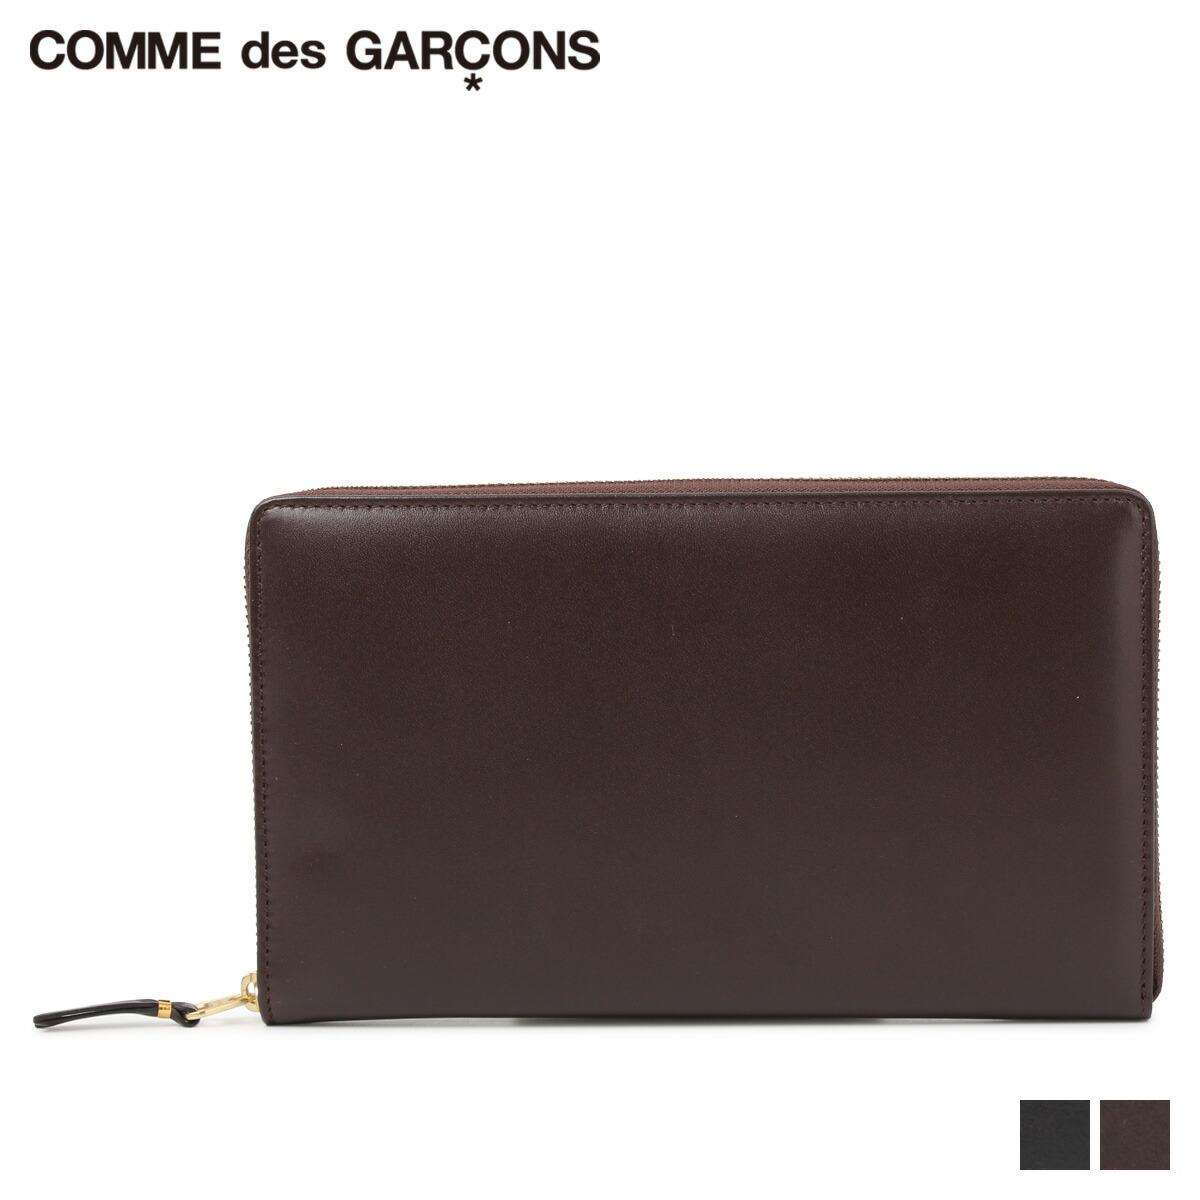 COMME des GARCONS NEW CLASSIC コムデギャルソン 財布 長財布 メンズ レディース ラウンドファスナー ブラック ブラウン 黒 SA0200 [予約商品 11/28頃入荷予定]